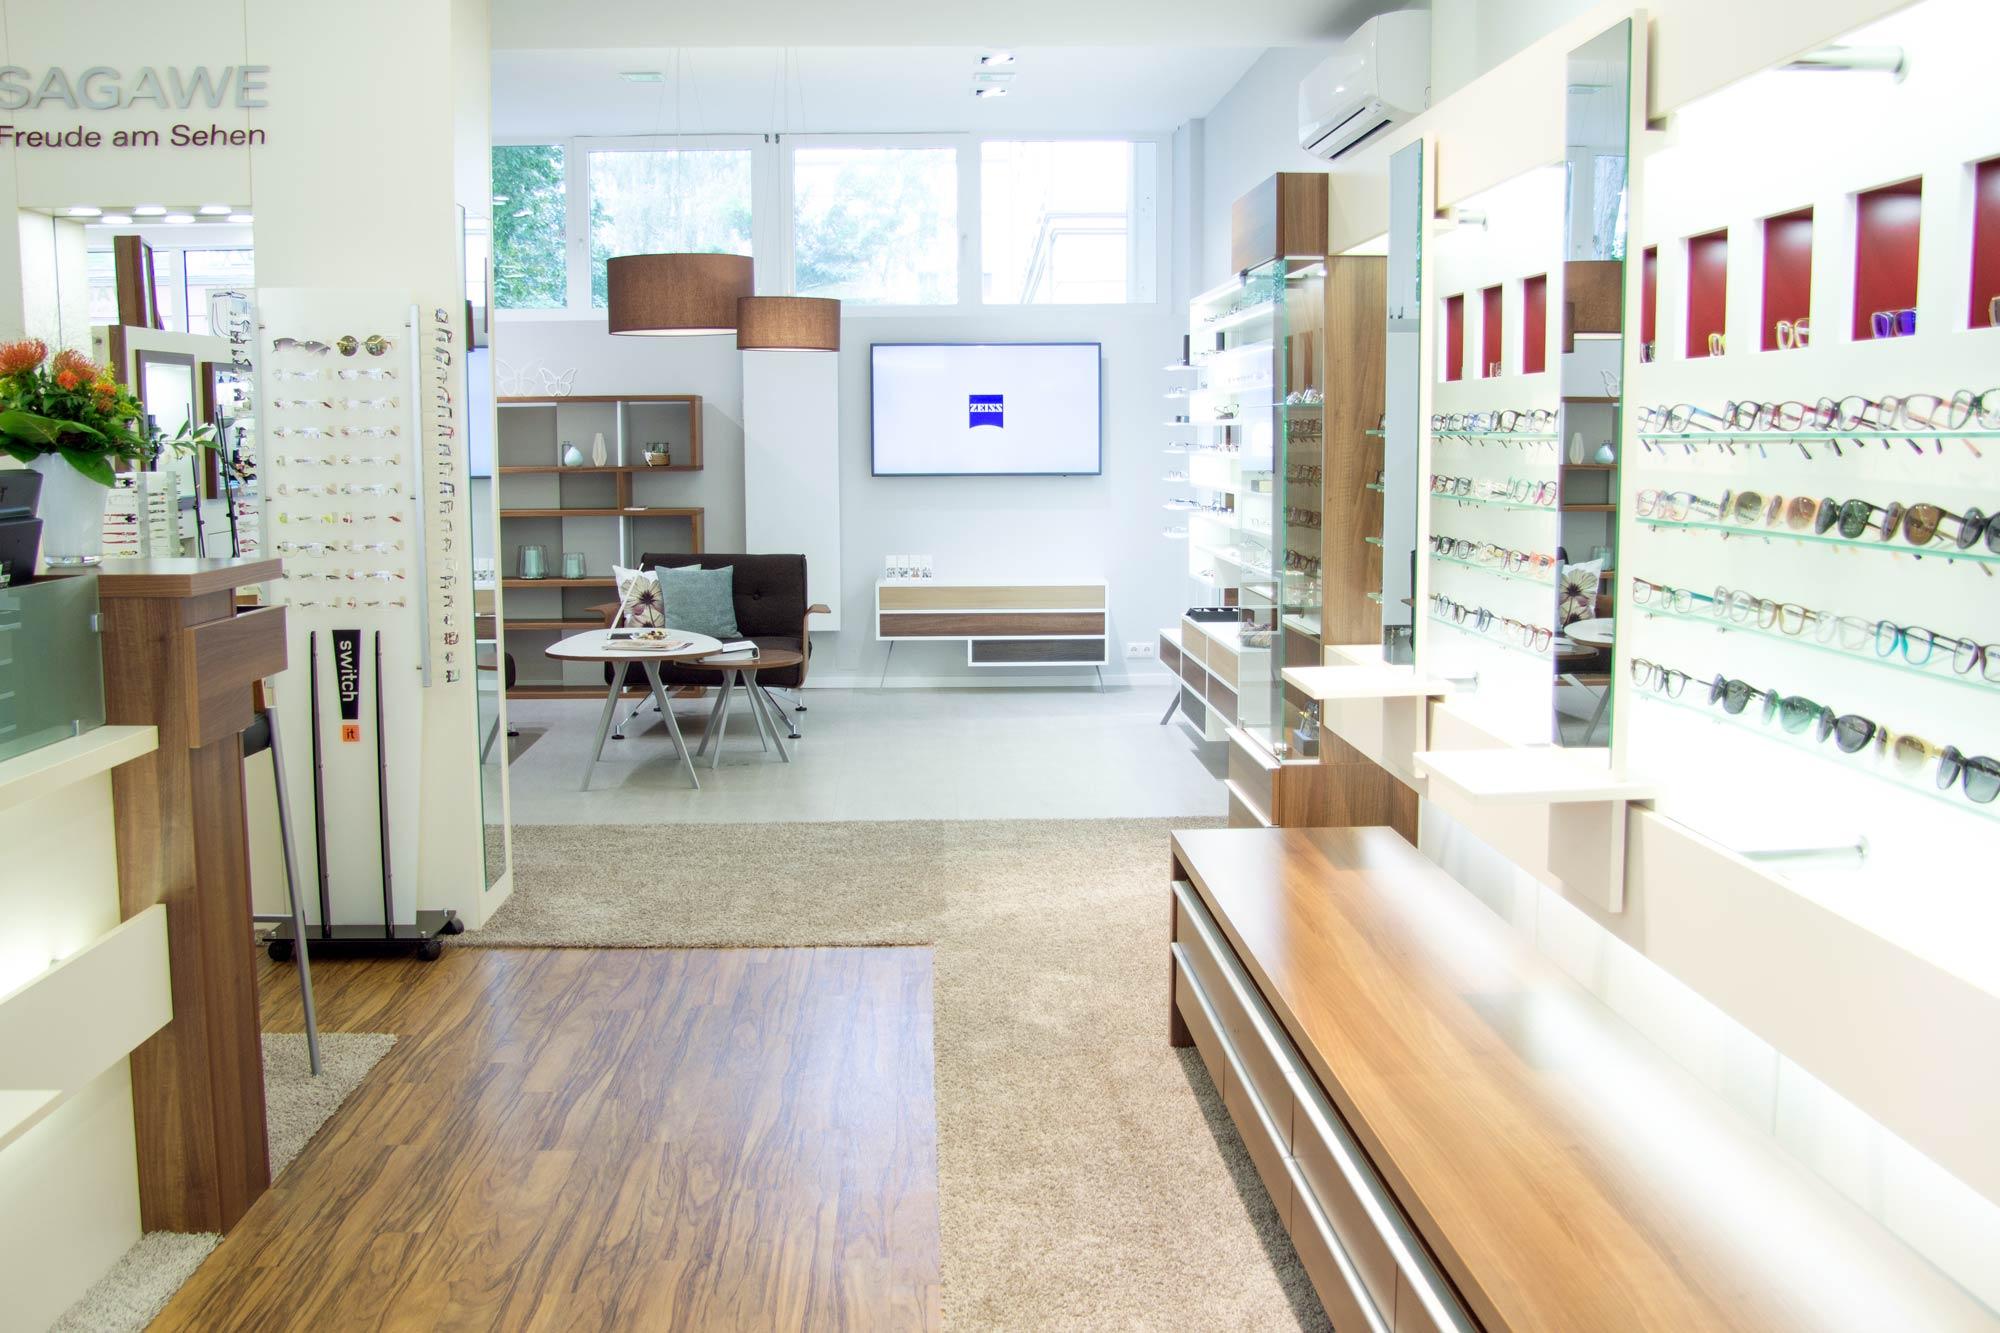 Optik Sagawe in Reutershagen ist das Zeiss Vision Center in der Ernst-Thälmann-Strasse von Rostock mit einer coolen Auswahl von Brillen